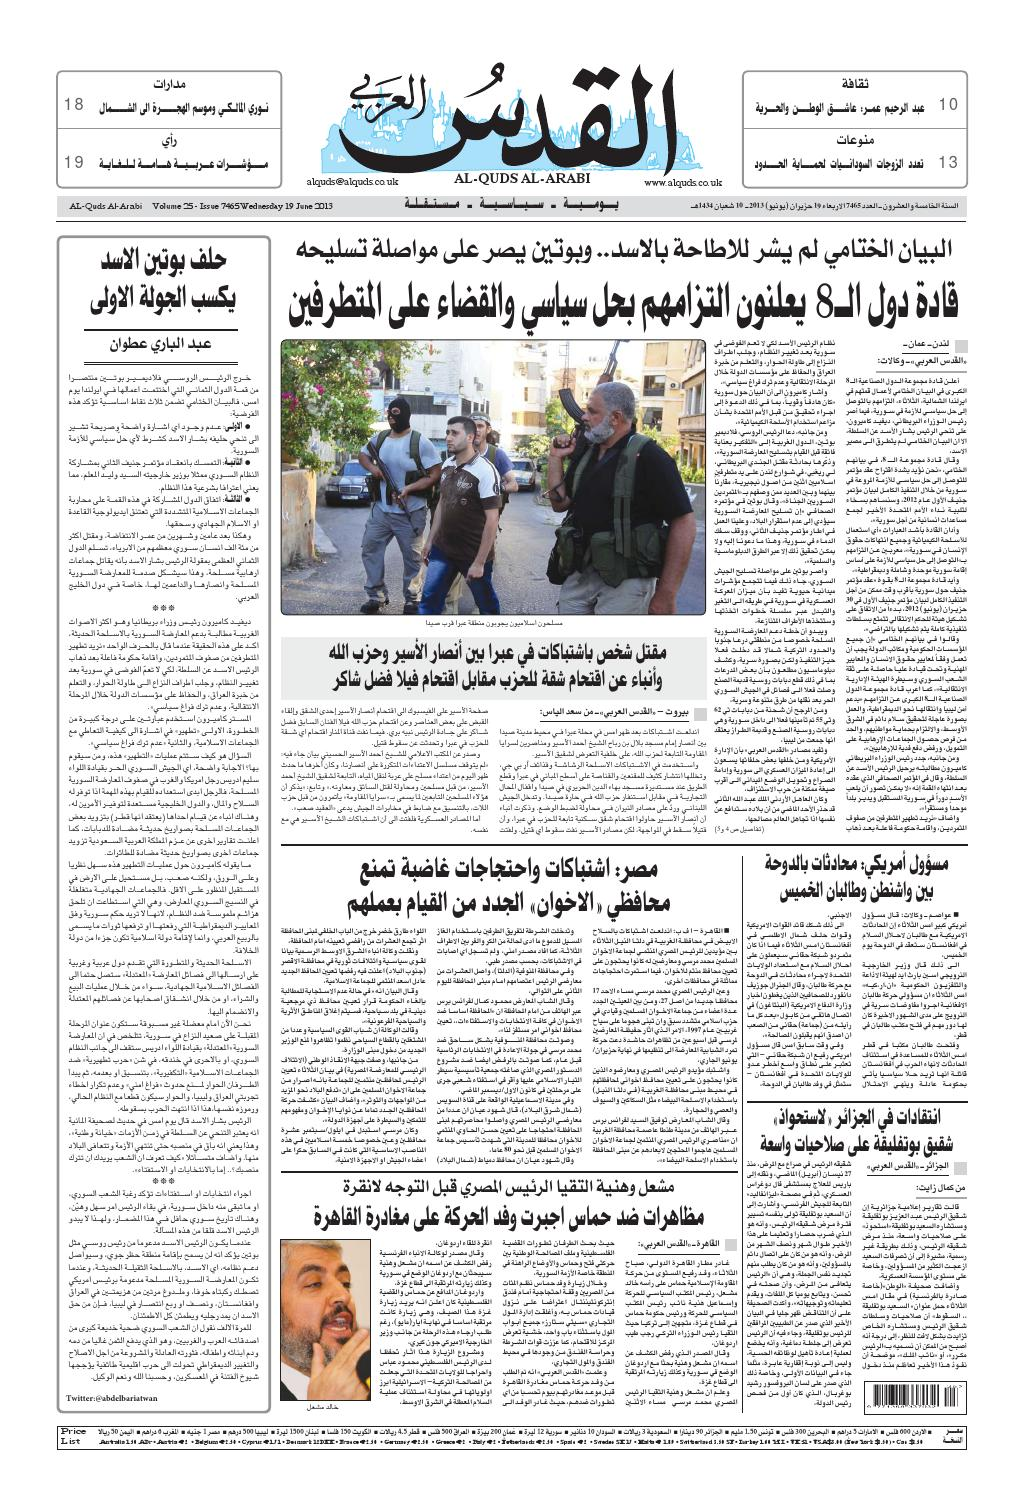 صحيفة القدس العربي الأربعاء 19 06 2013 By مركز الحدث Issuu